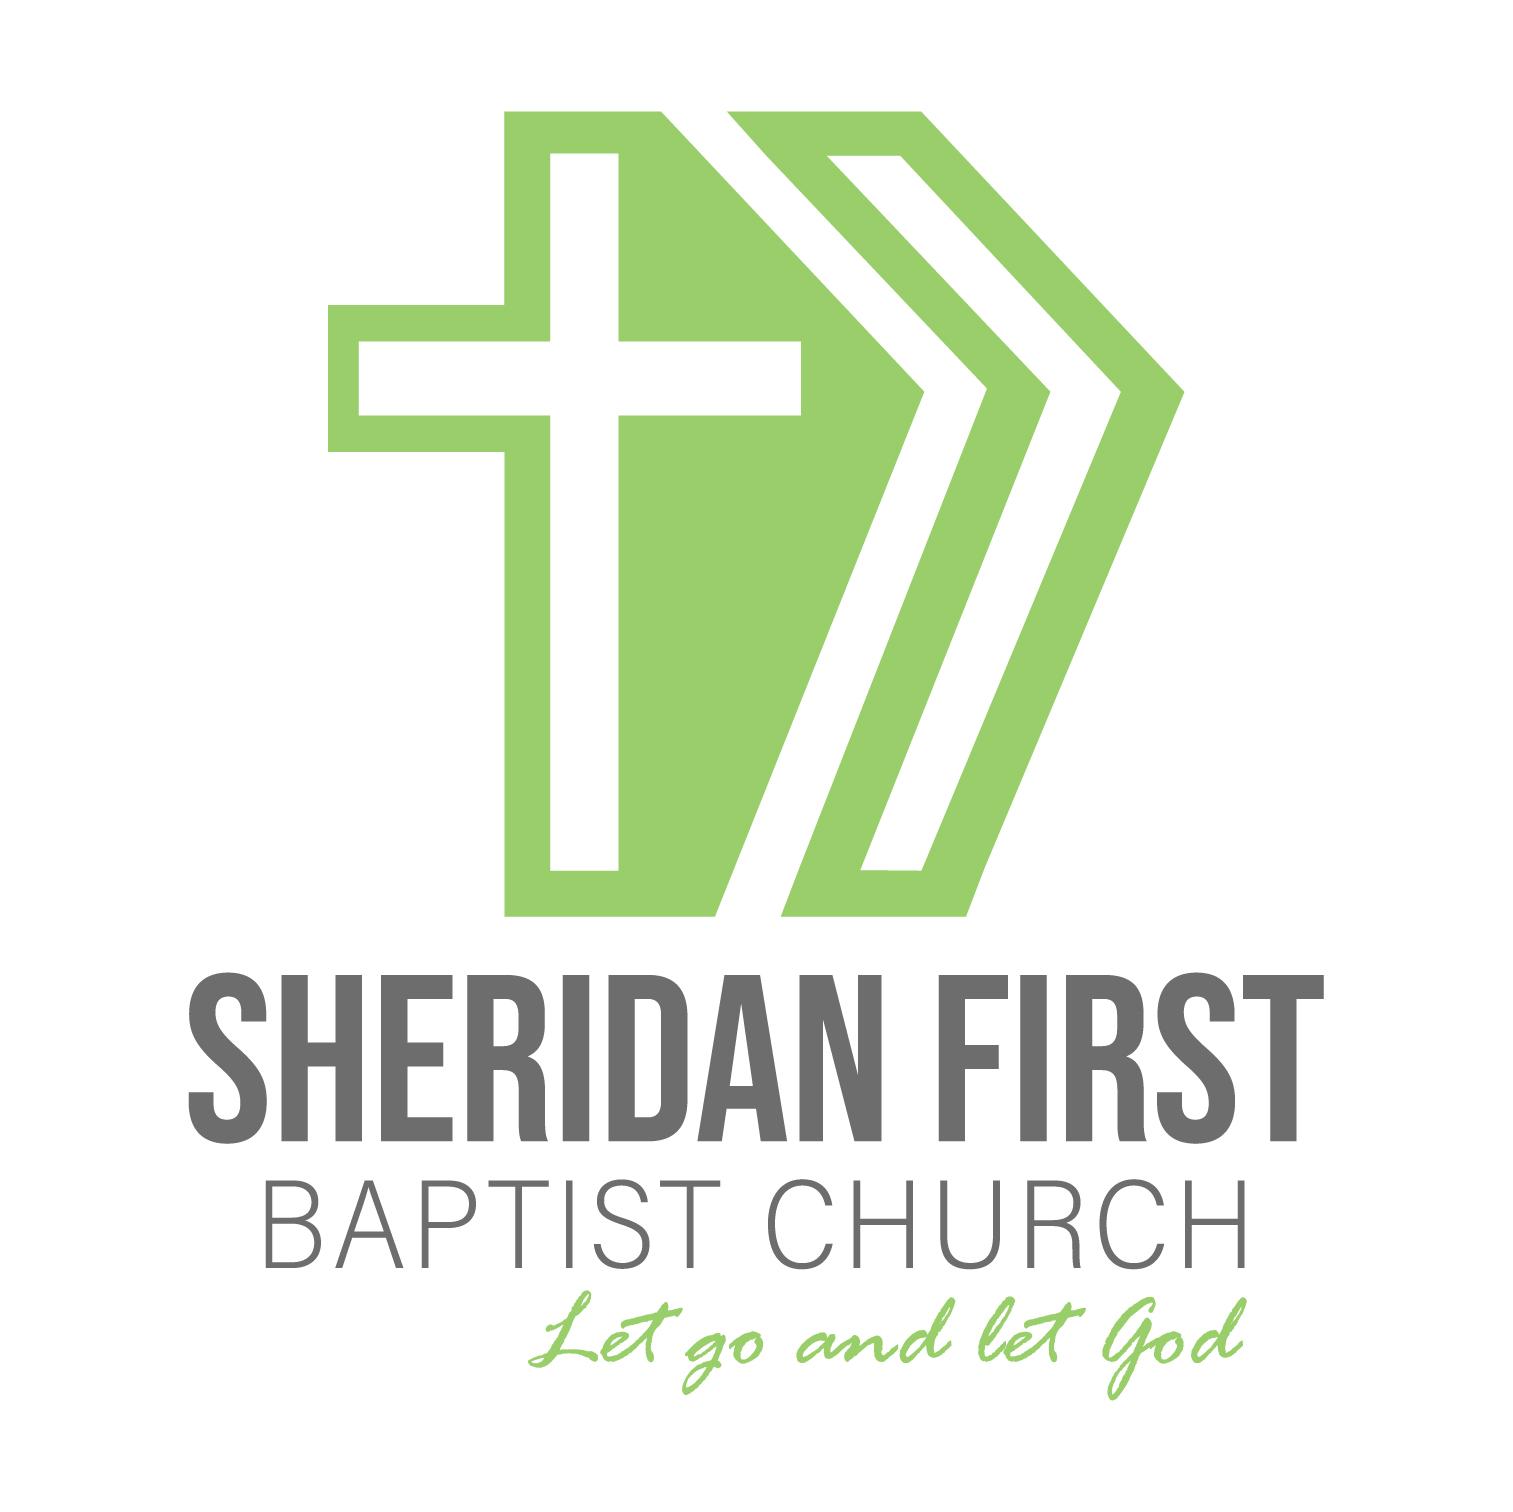 Sheridan First Baptist Church